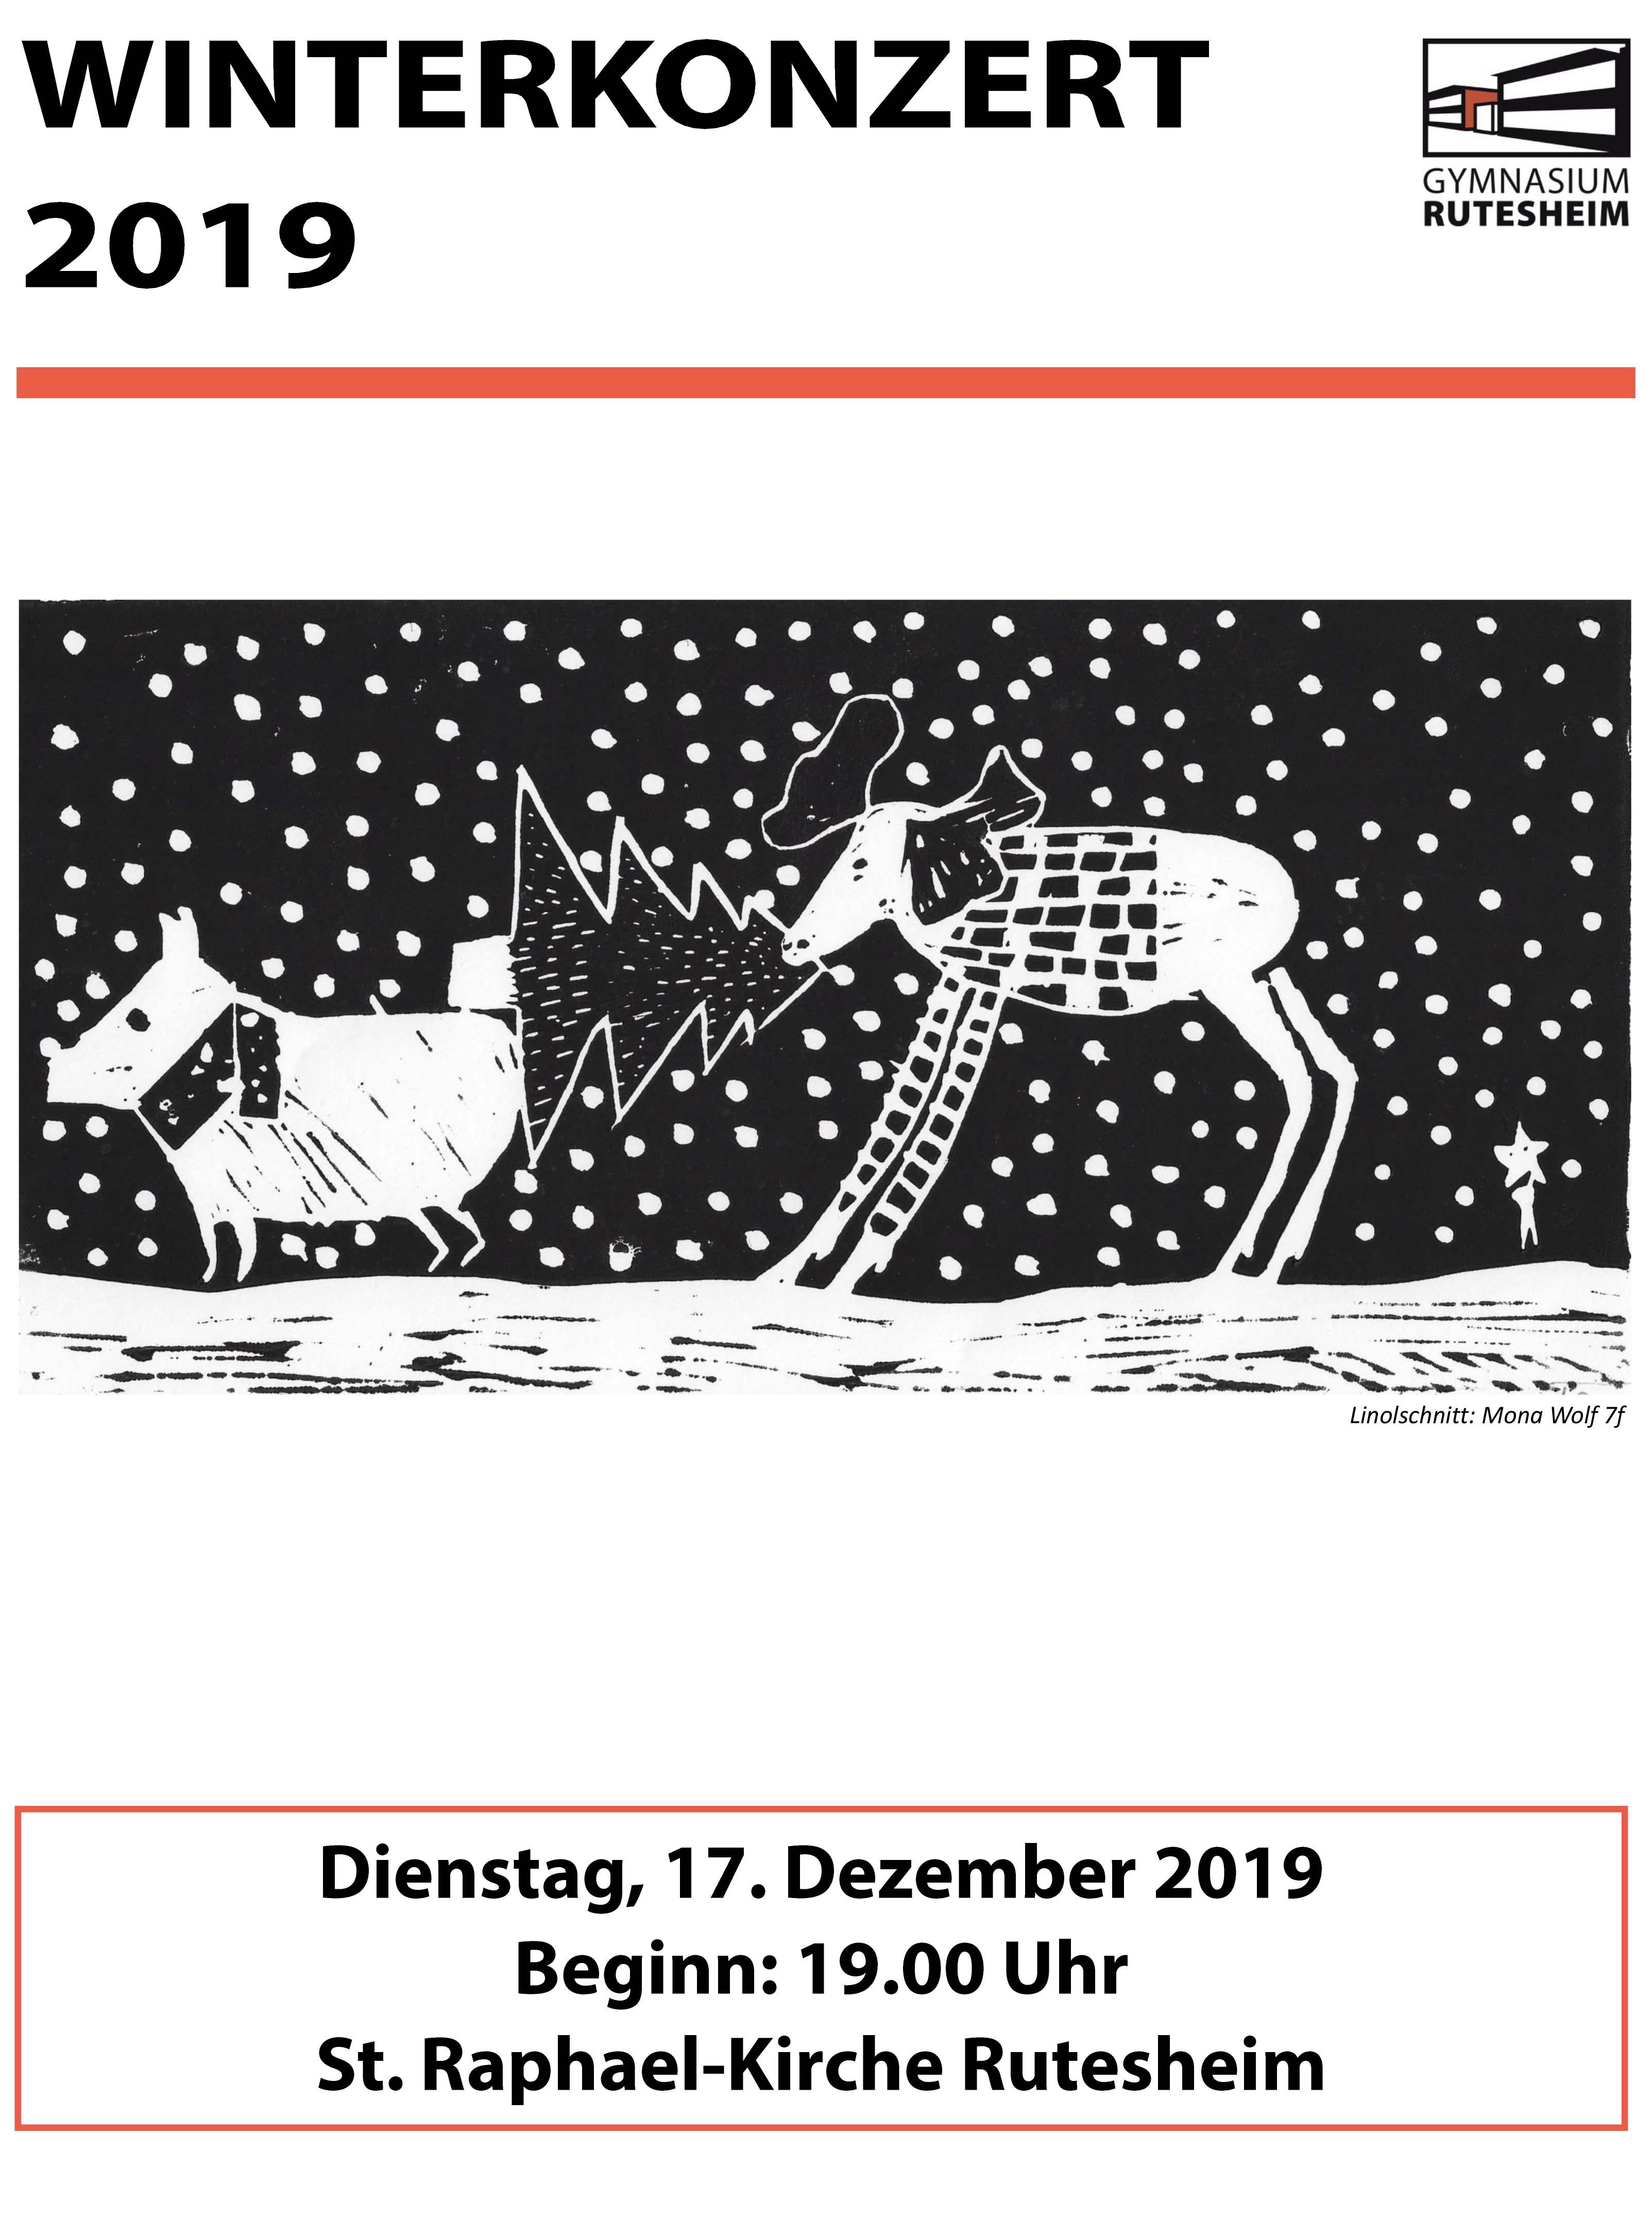 2019 11 21 Winterkonzert 2019